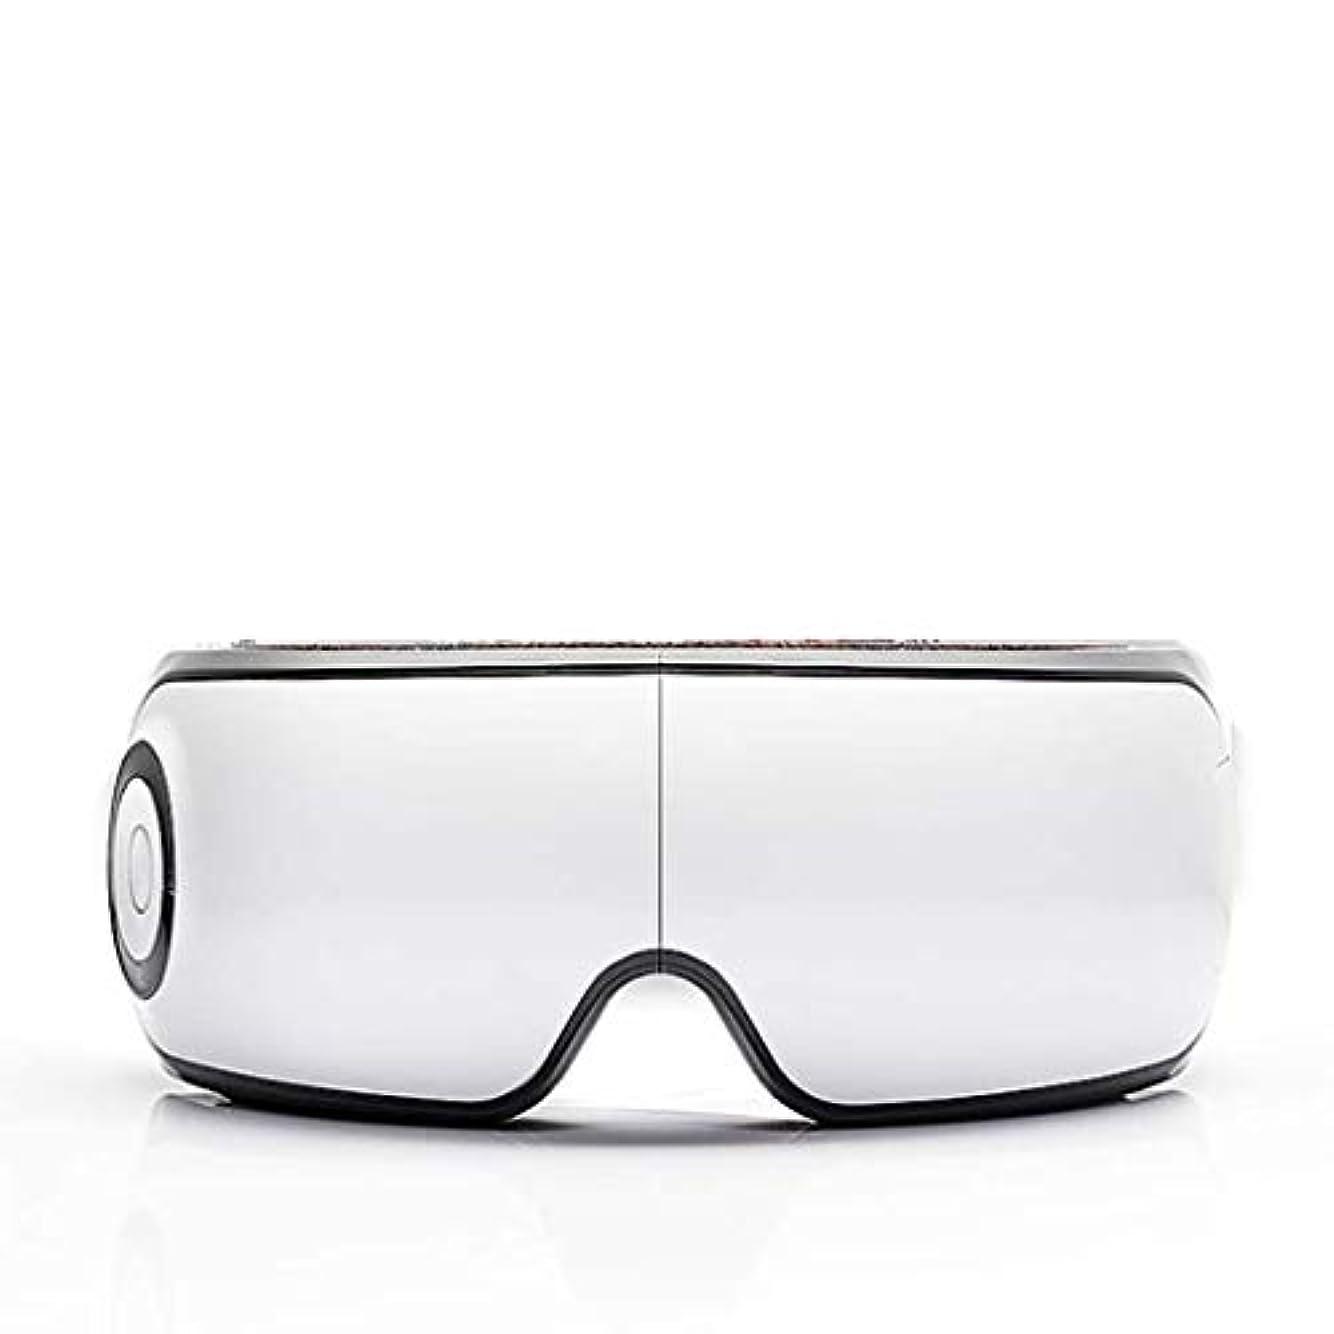 レトルト確認する松アイマッサージャー、電動ポータブル指圧音楽マッサージアイマスク、熱振動マッサージ、アイバッグダークサークルの改善、頭痛圧の緩和、アイのリラックス